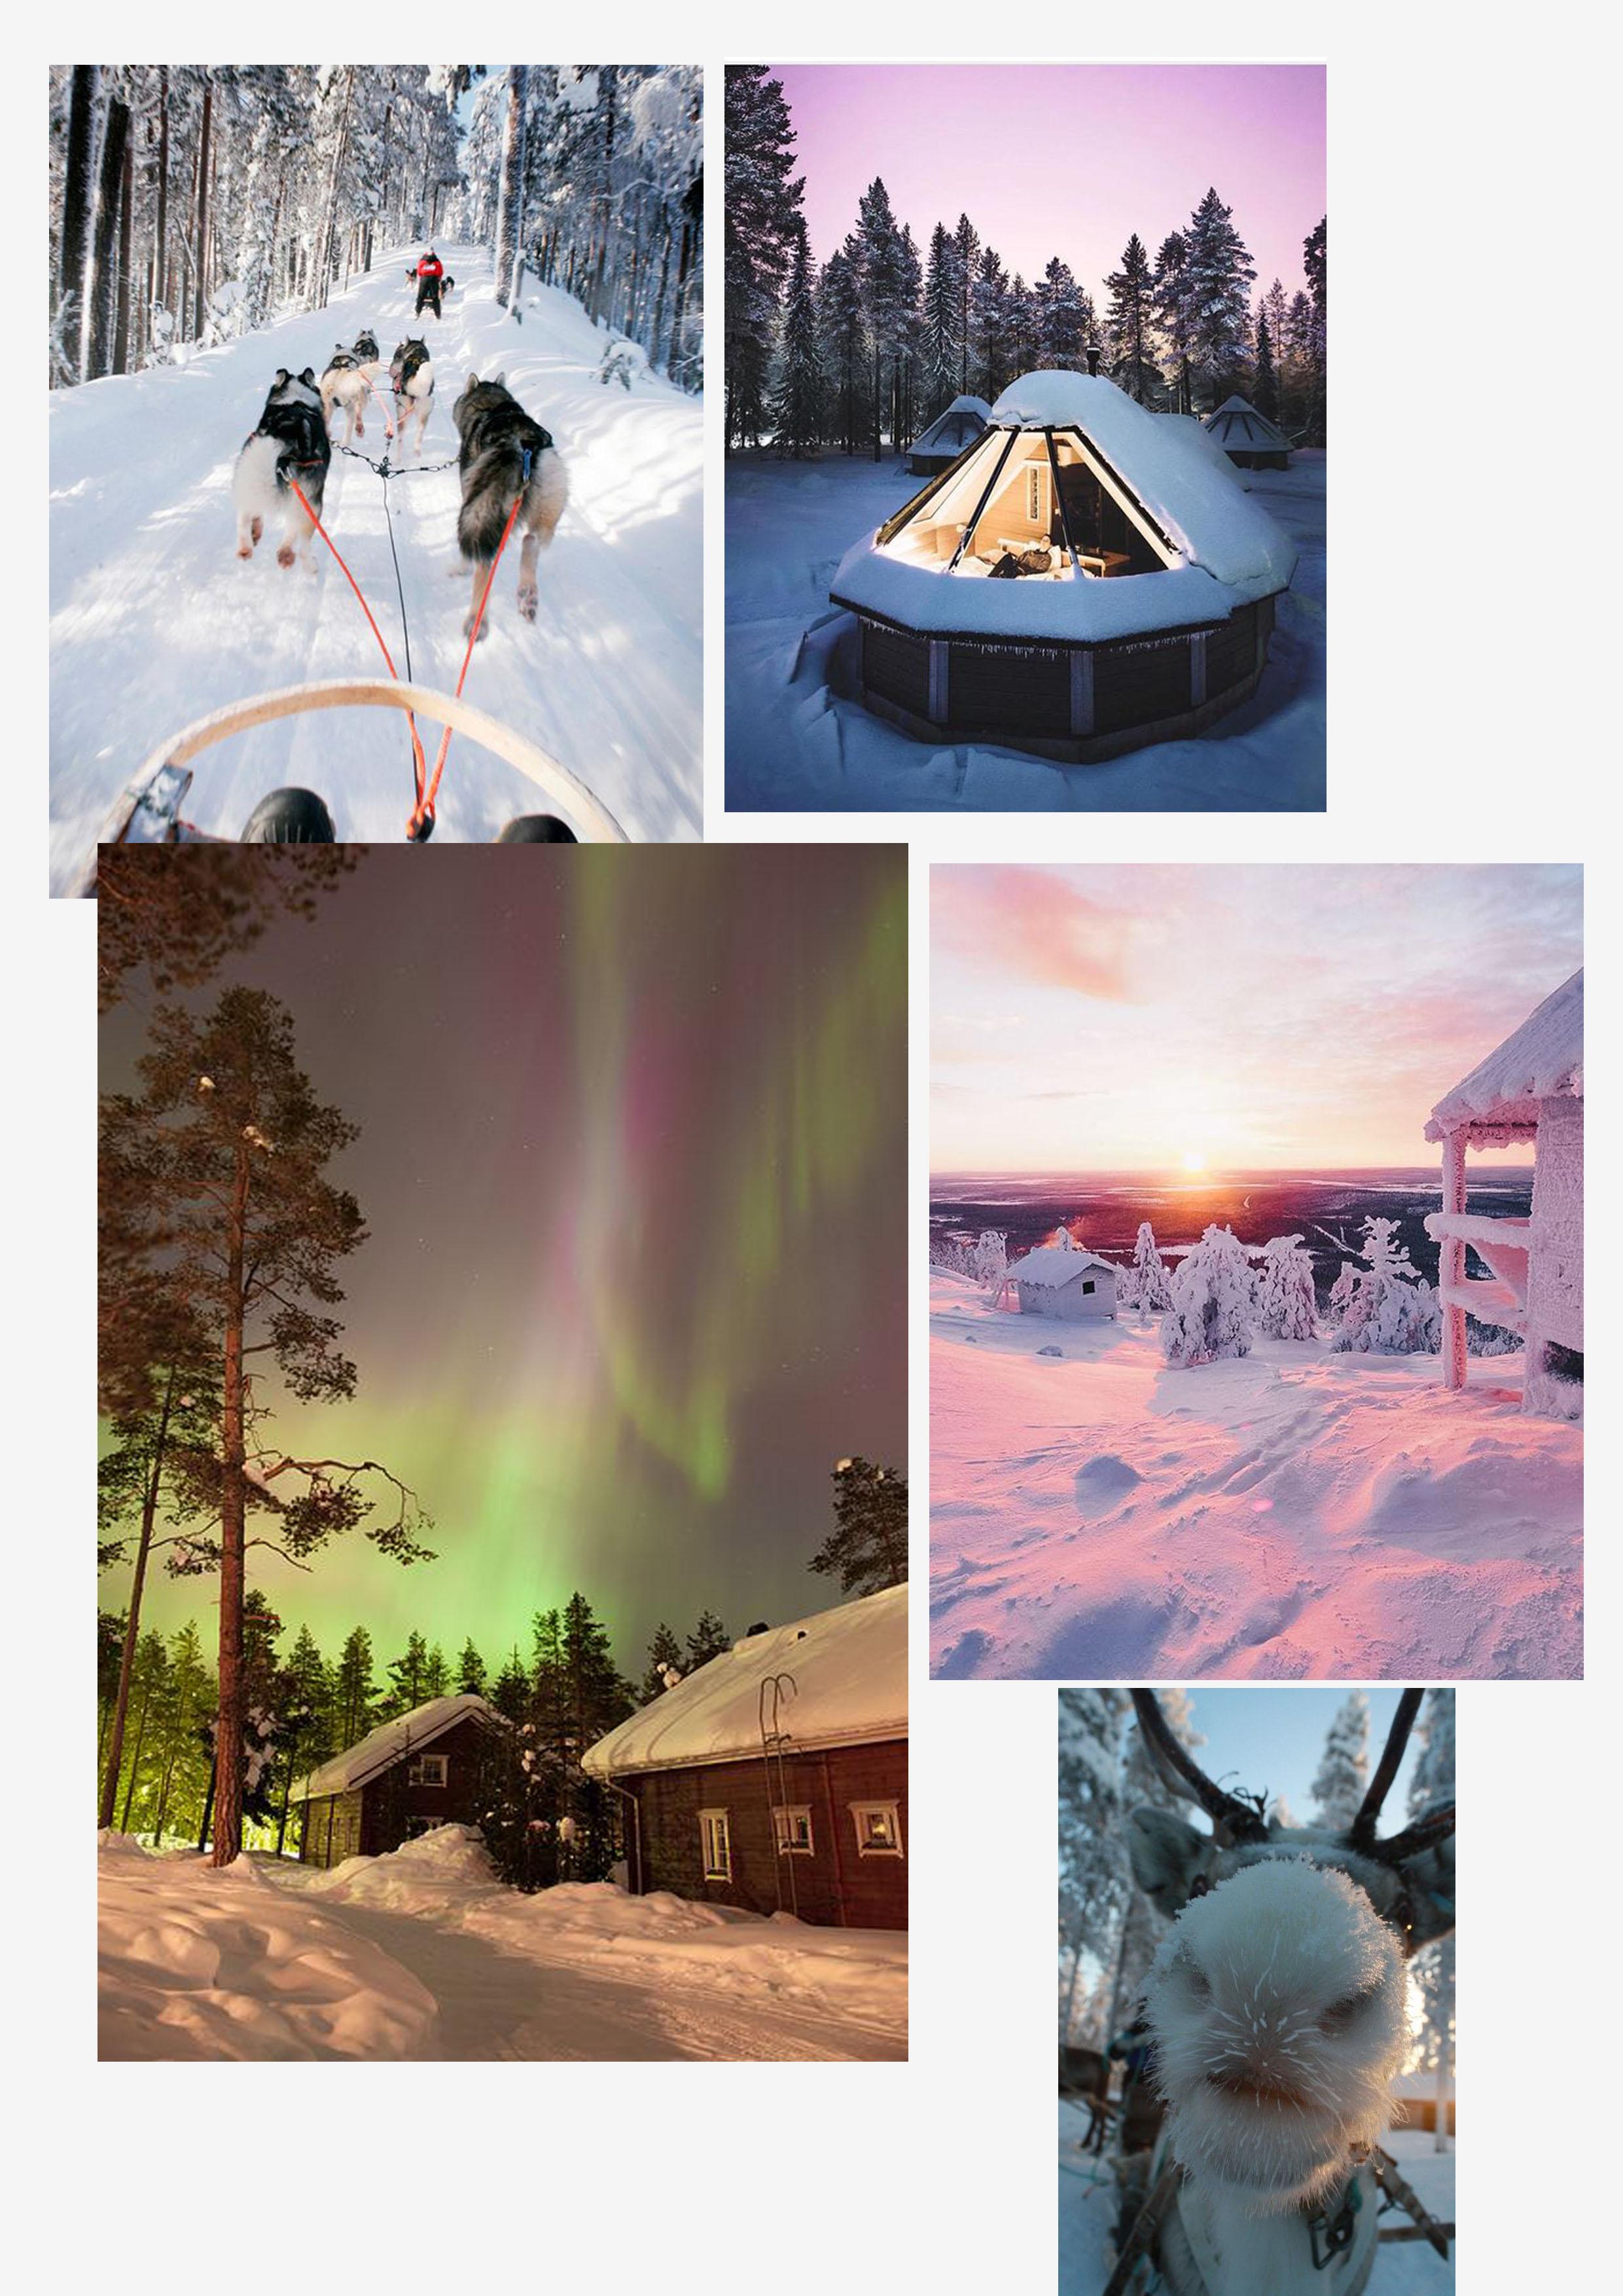 Next Stop: Lapland